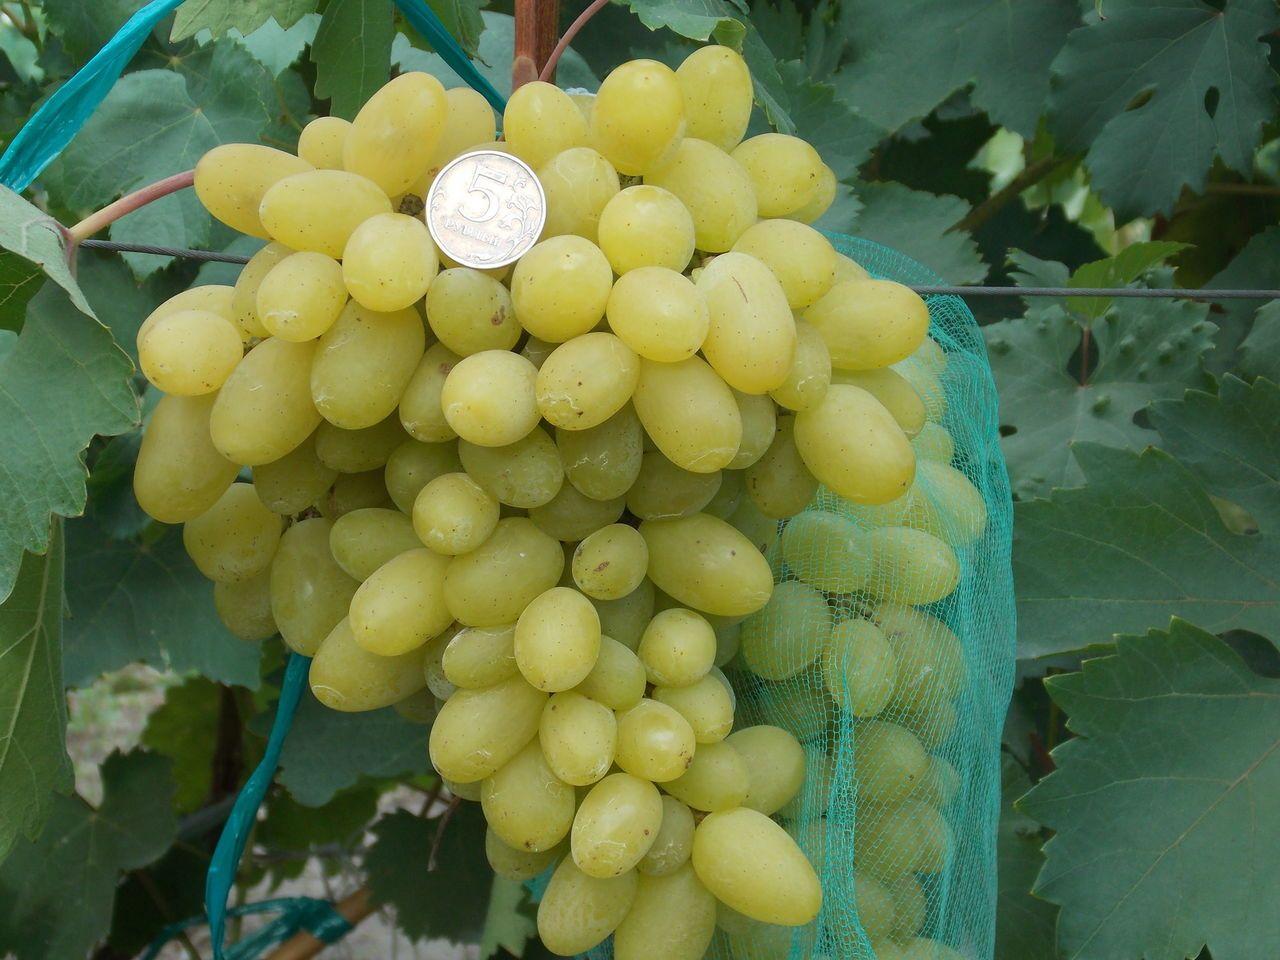 Каталог саженцев винограда красохиной с и - дневник садовода semena-zdes.ru